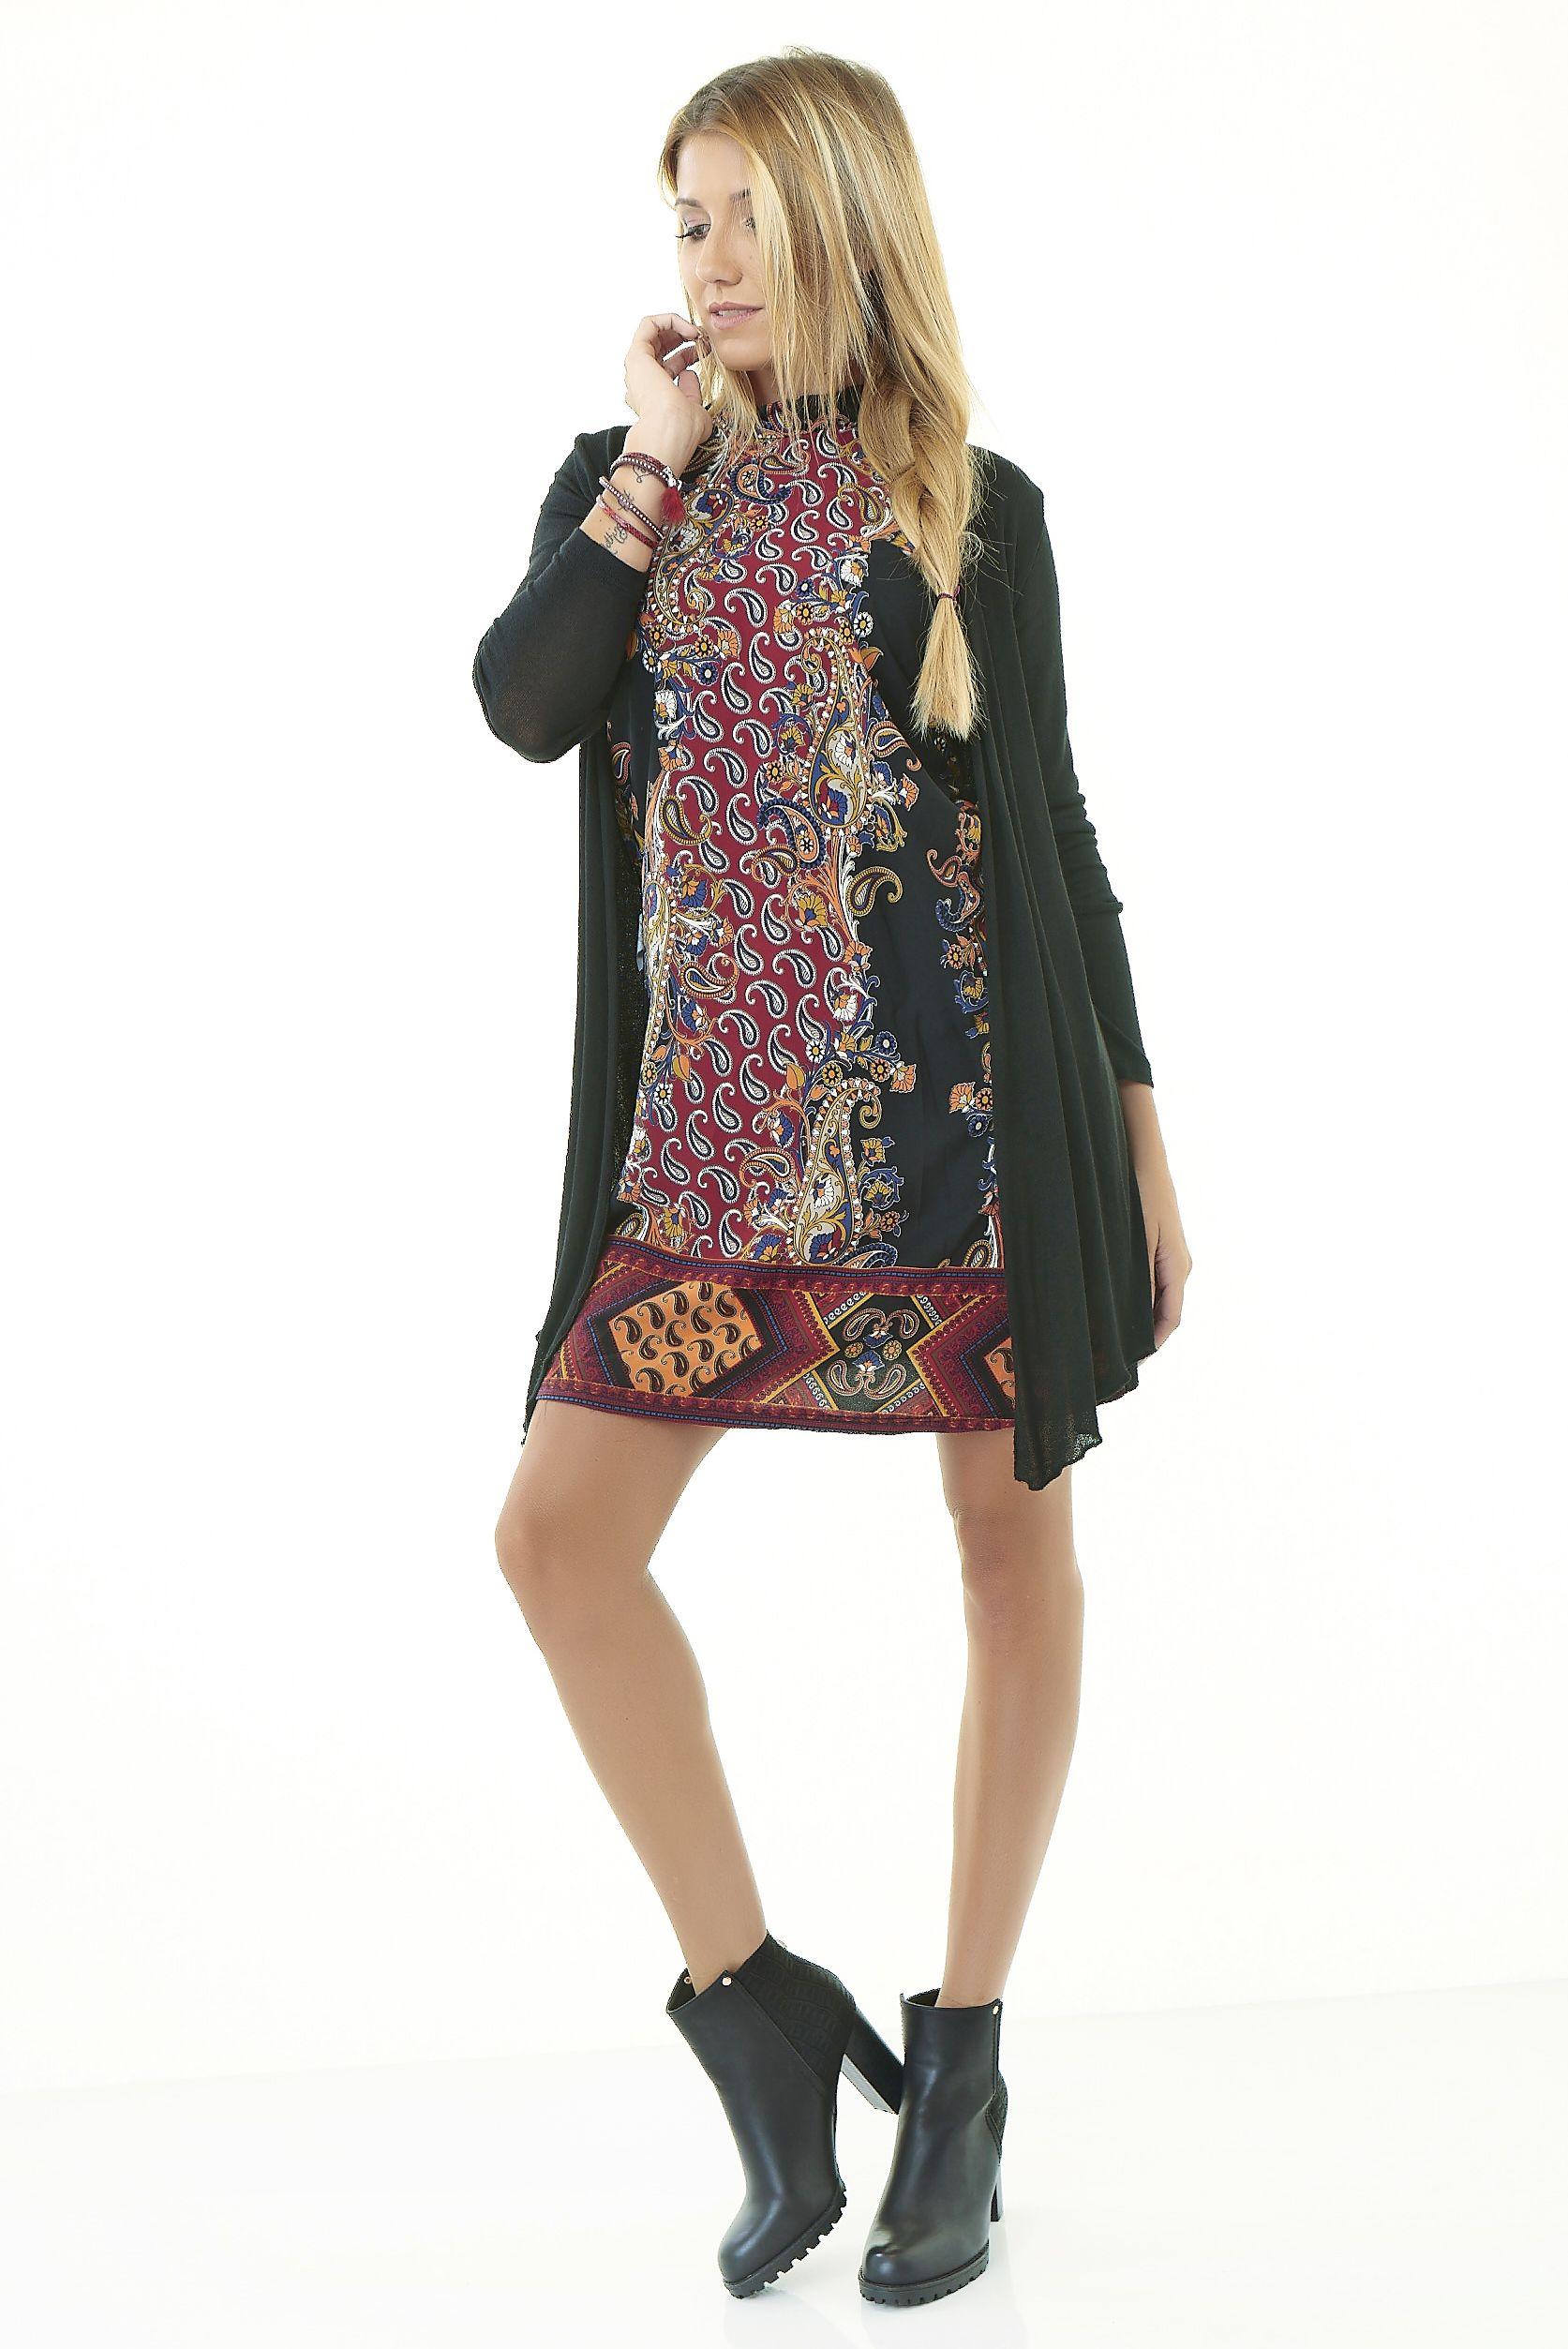 688a13d8367 Eros Collection automne hiver 2015  eroscollection  ah15  automne  hiver   style  look  robe  dress  imprimés  top  bordeaux  modele  mode  belgique    ...